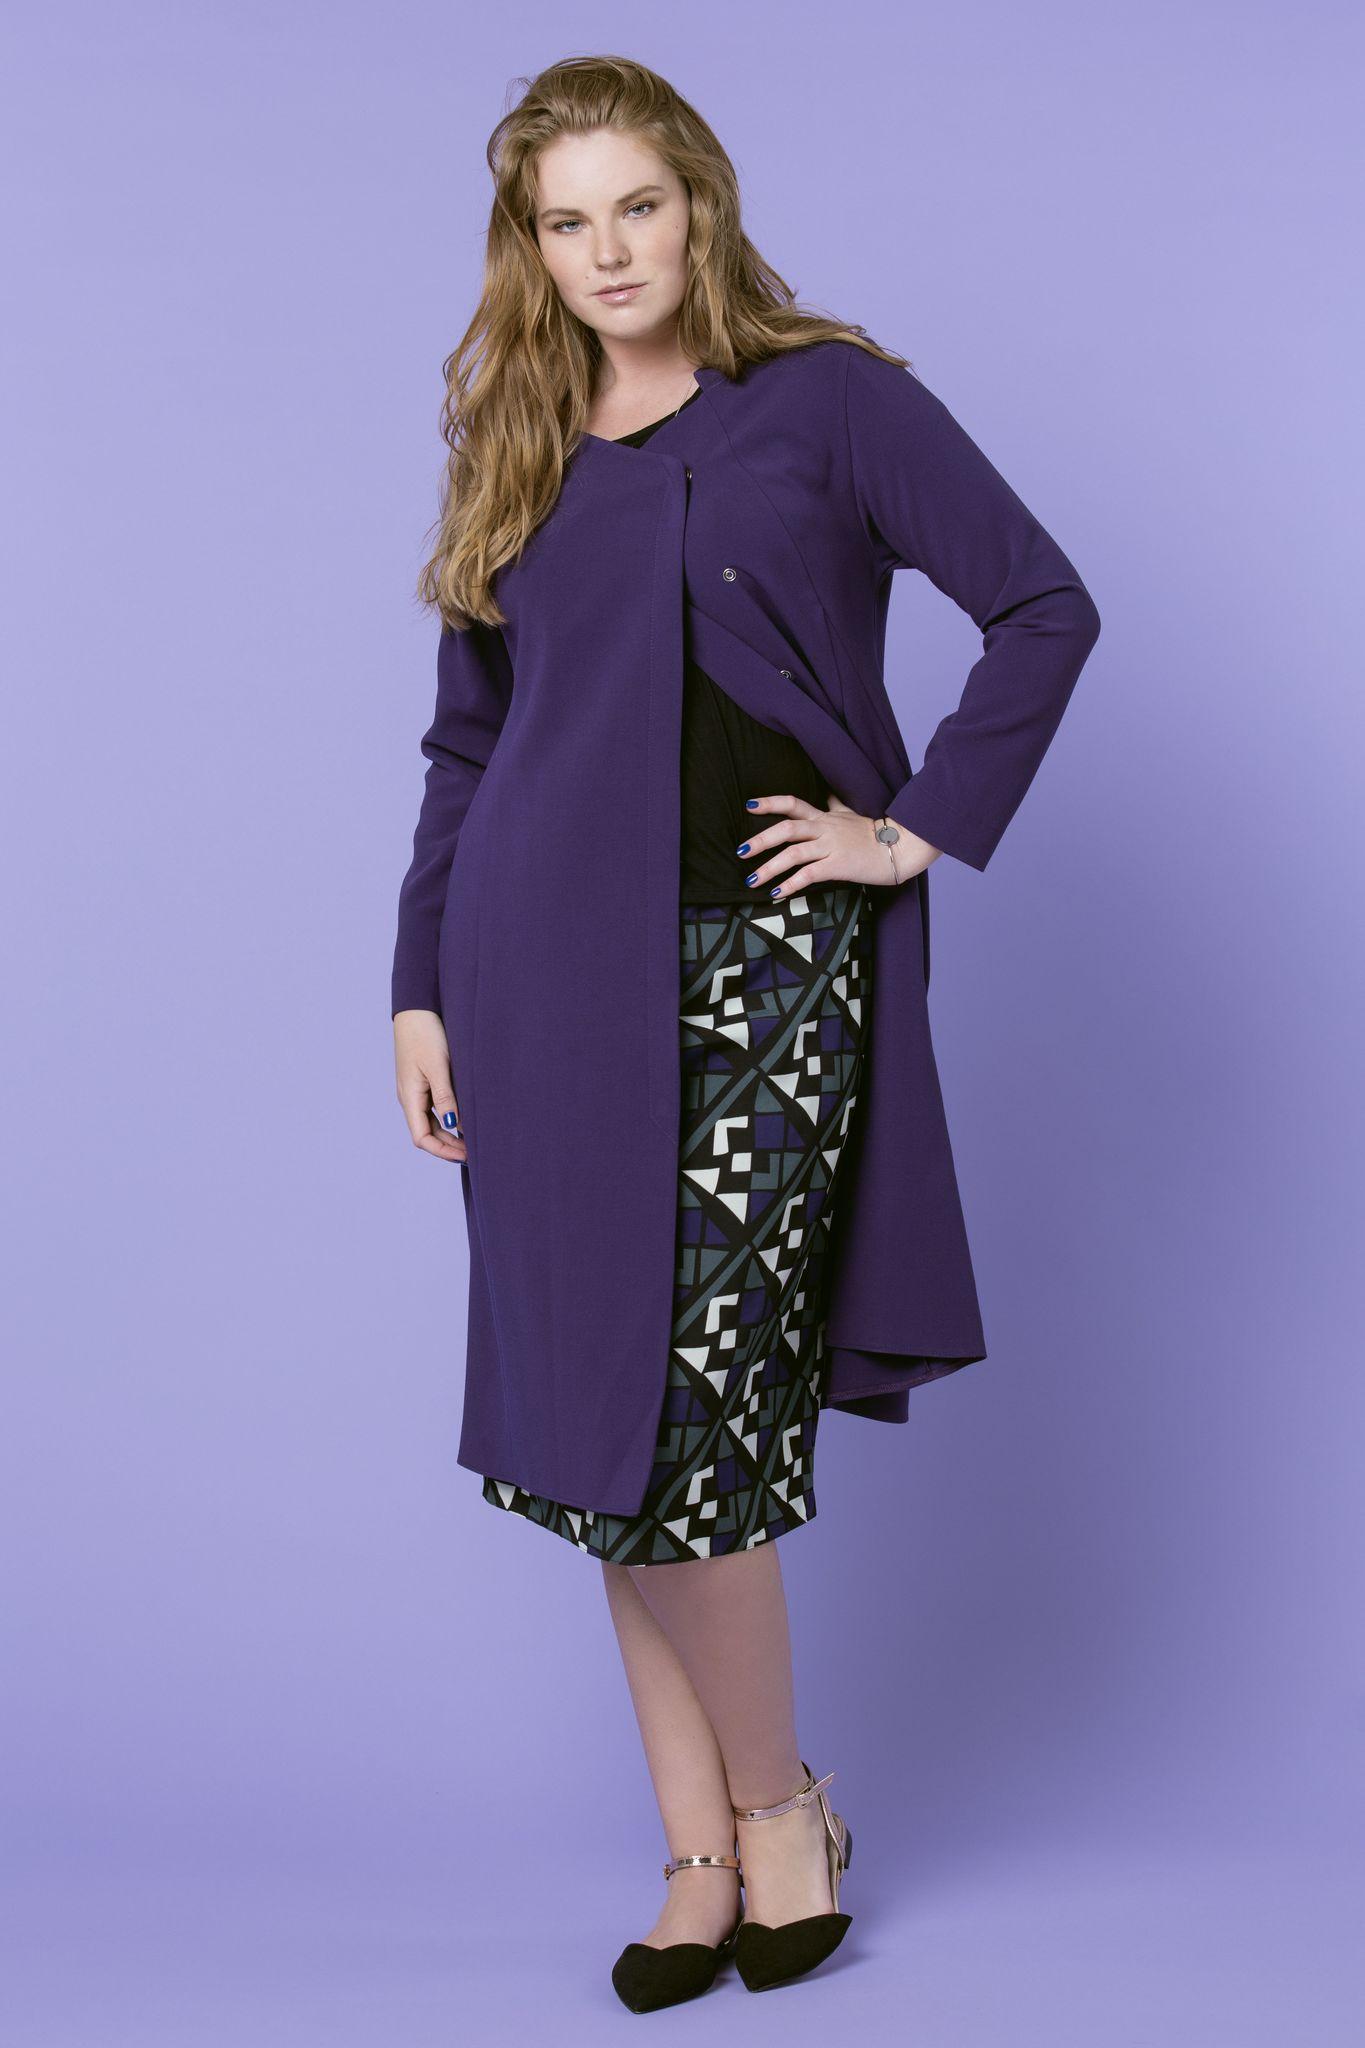 Платье BASE-03 DR03 CO19ФИНАЛЬНАЯ РАСПРОДАЖА<br>Да, вы не ошиблись- это то самое платье-пальто! Оно полностью перевернет Ваше представление о правильном гардеробе. Комфортное и практичное, сильное, модное, легкое и фантастически функциональное - его можно носить как самостоятельно, так и в качестве летнего пальто. Удобные застежки и ассиметрия, дизайнерские линии ворота- это платье-пальто просто идеально.<br>